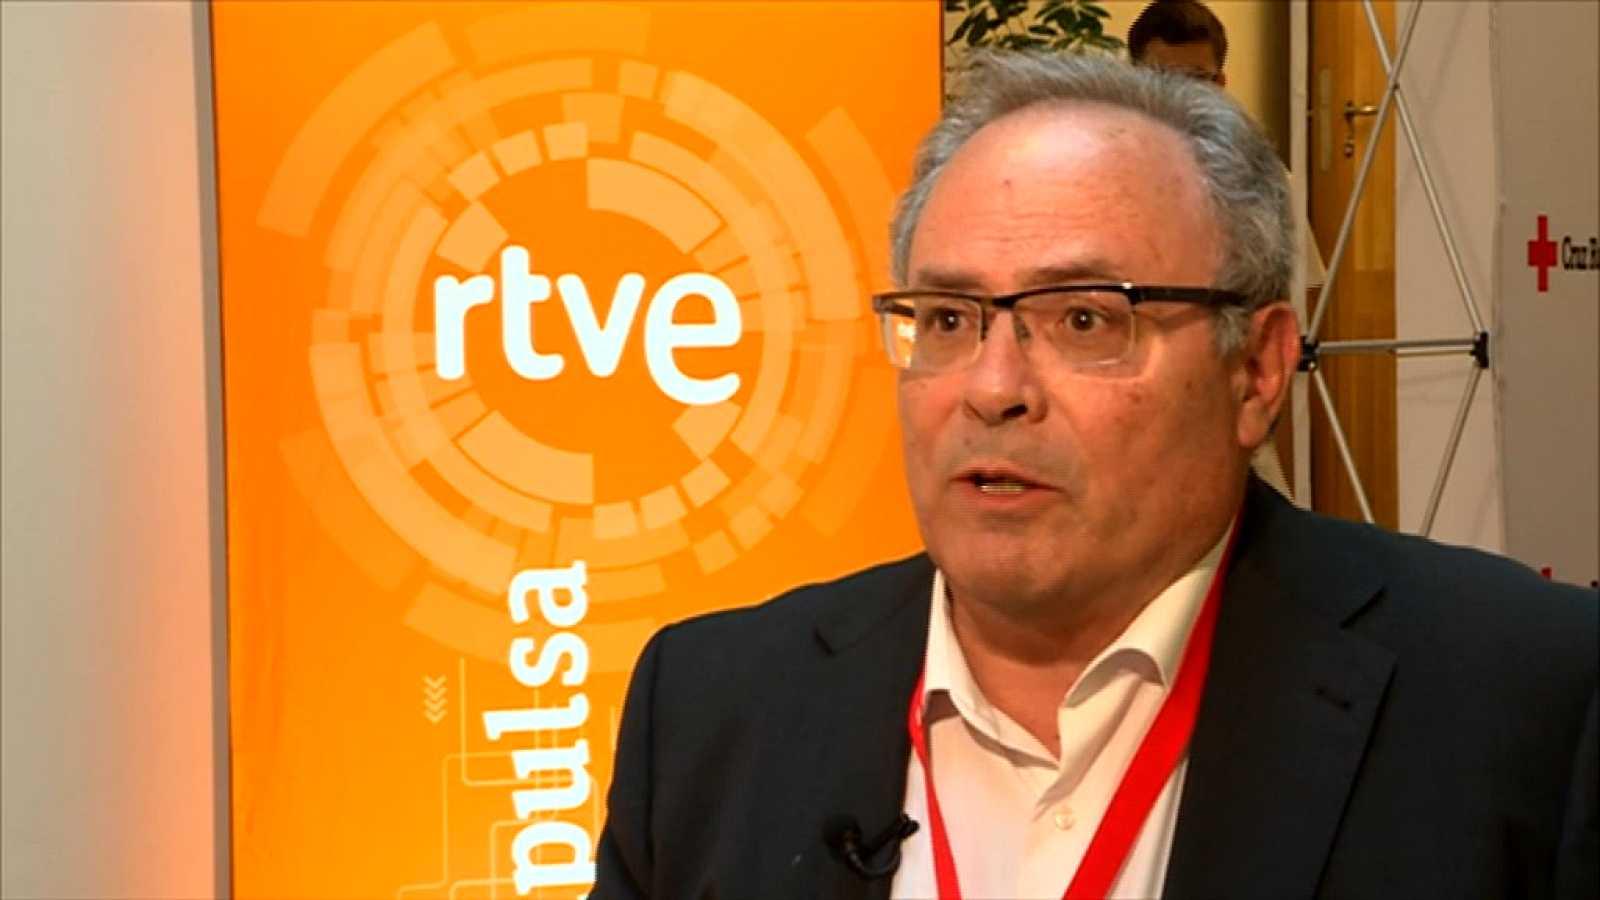 Impulsa Visión. Entrevista a Esteban Mayoral en el programa Emprende de RTVE en la Startup Olé de Salamanca